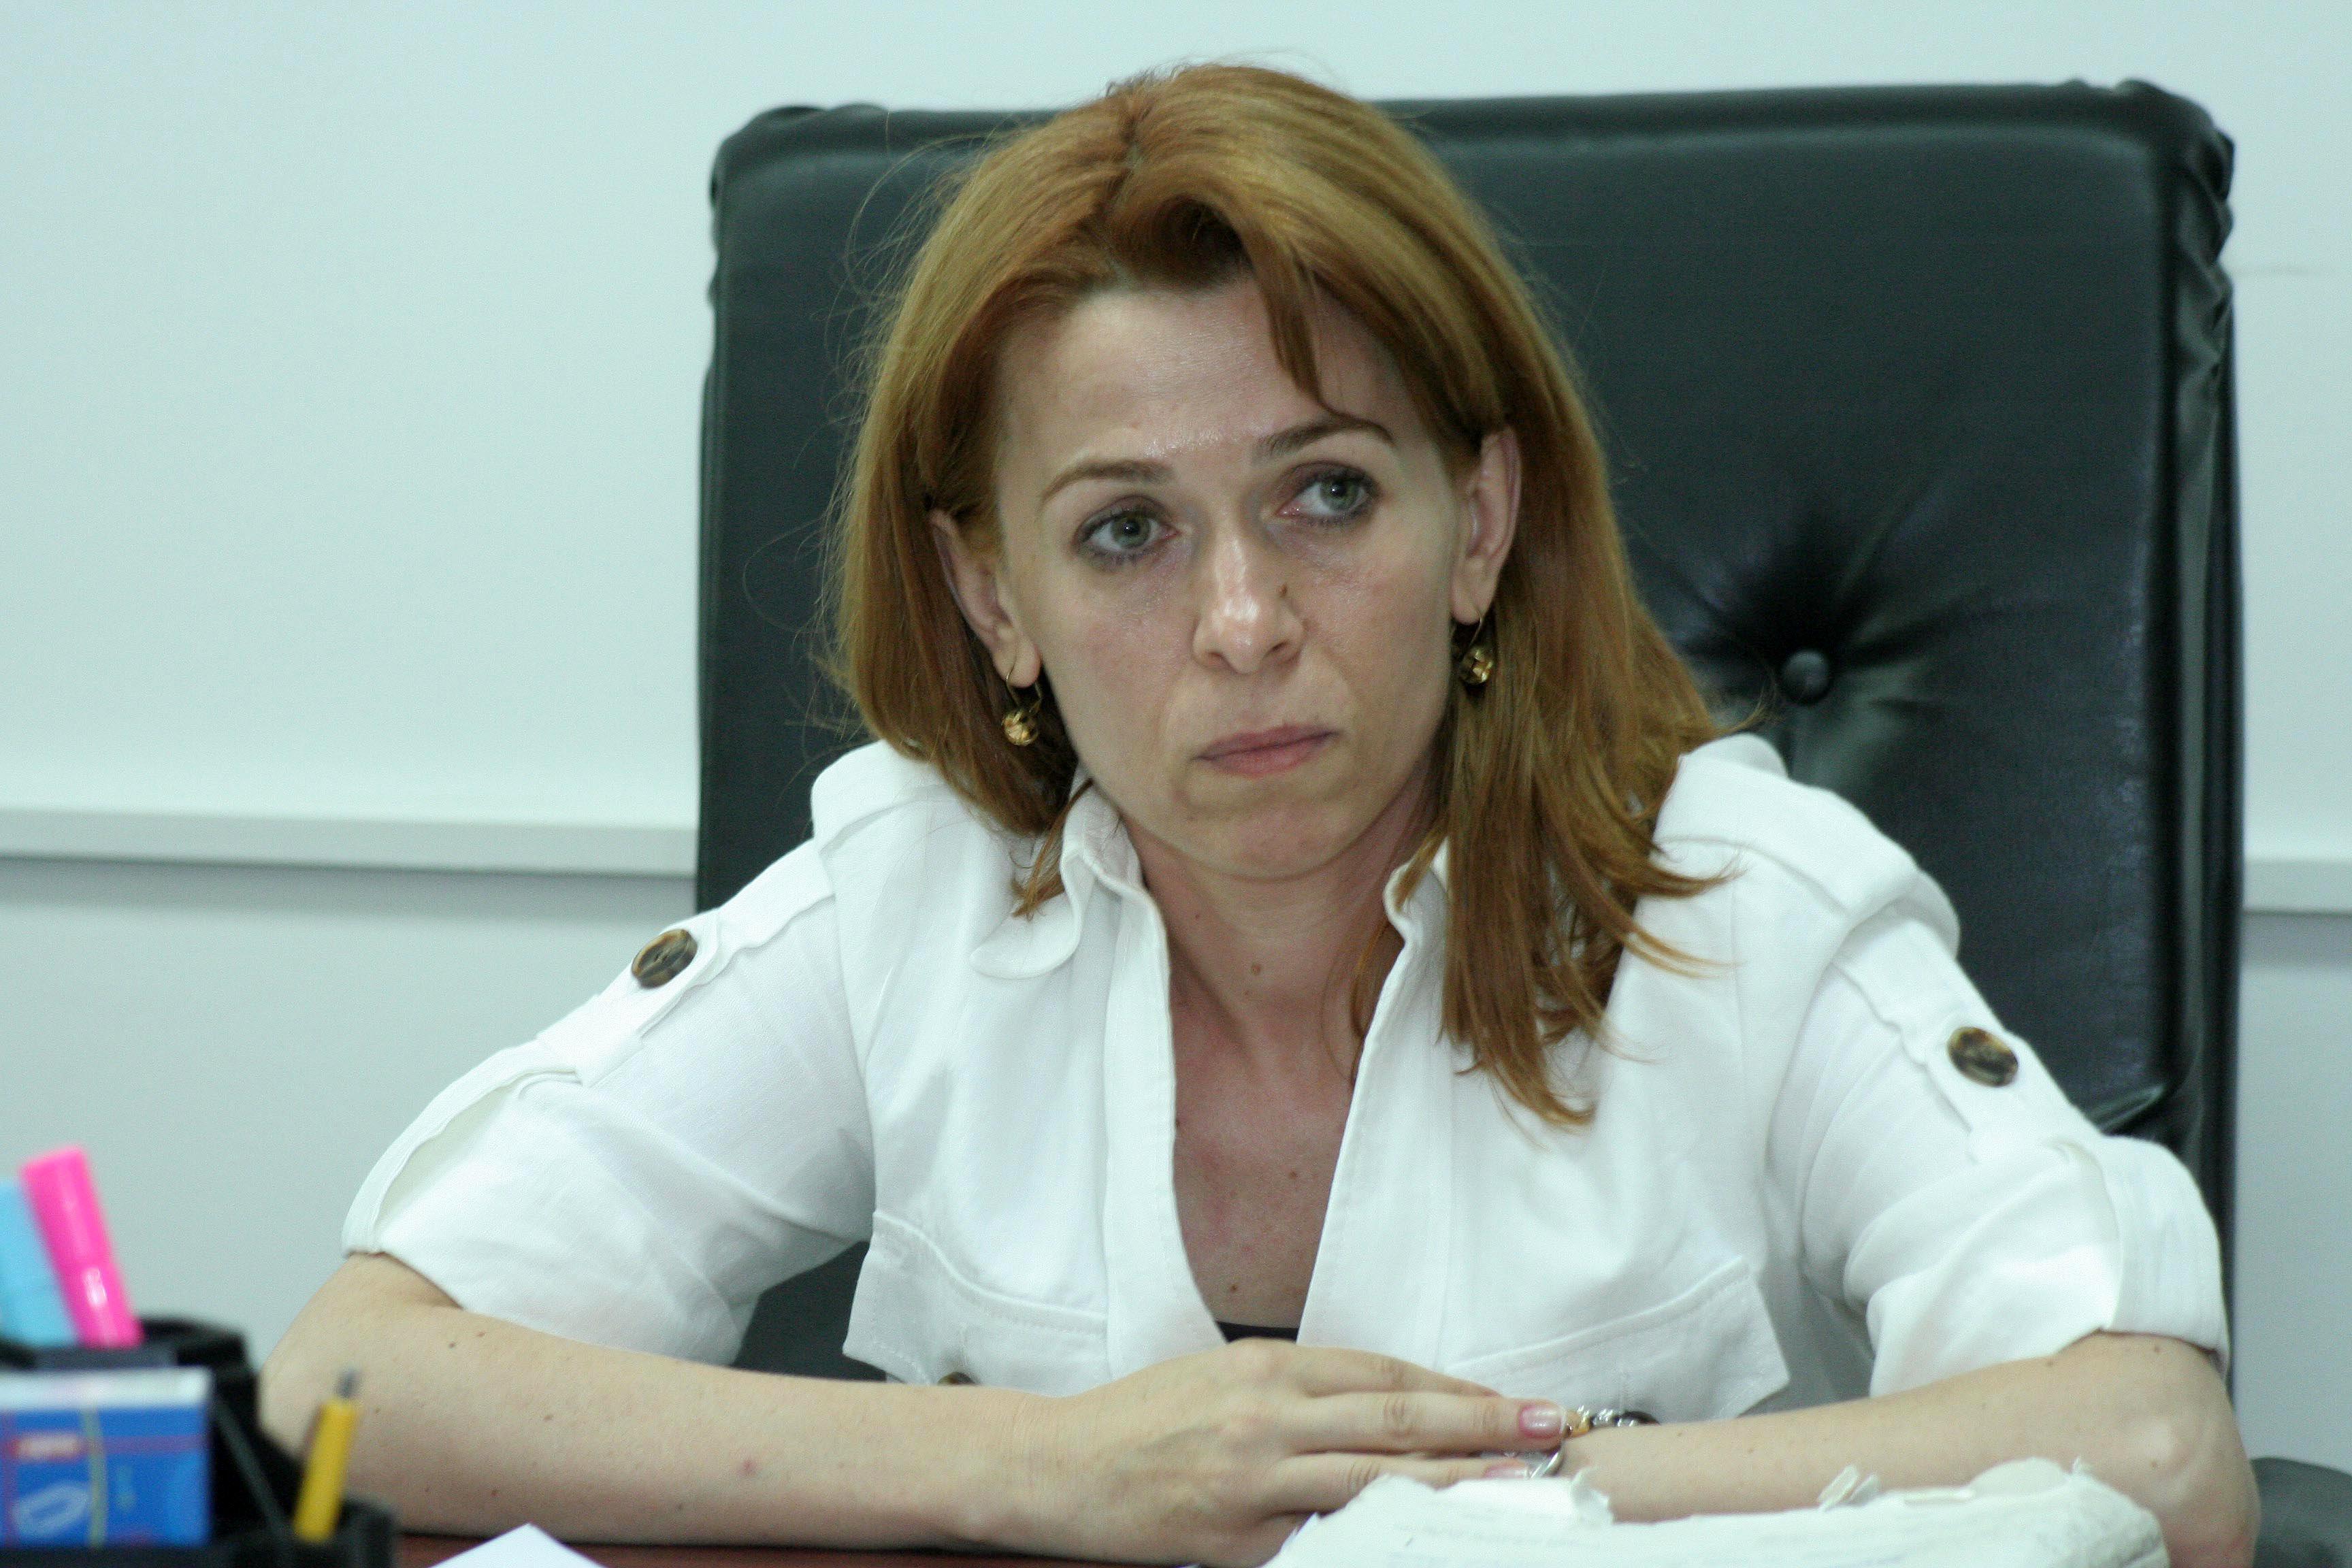 Plângerea depusă de Mihaela Focică va fi cercetată de DNA. PICCJ şi-a declinat competenţa